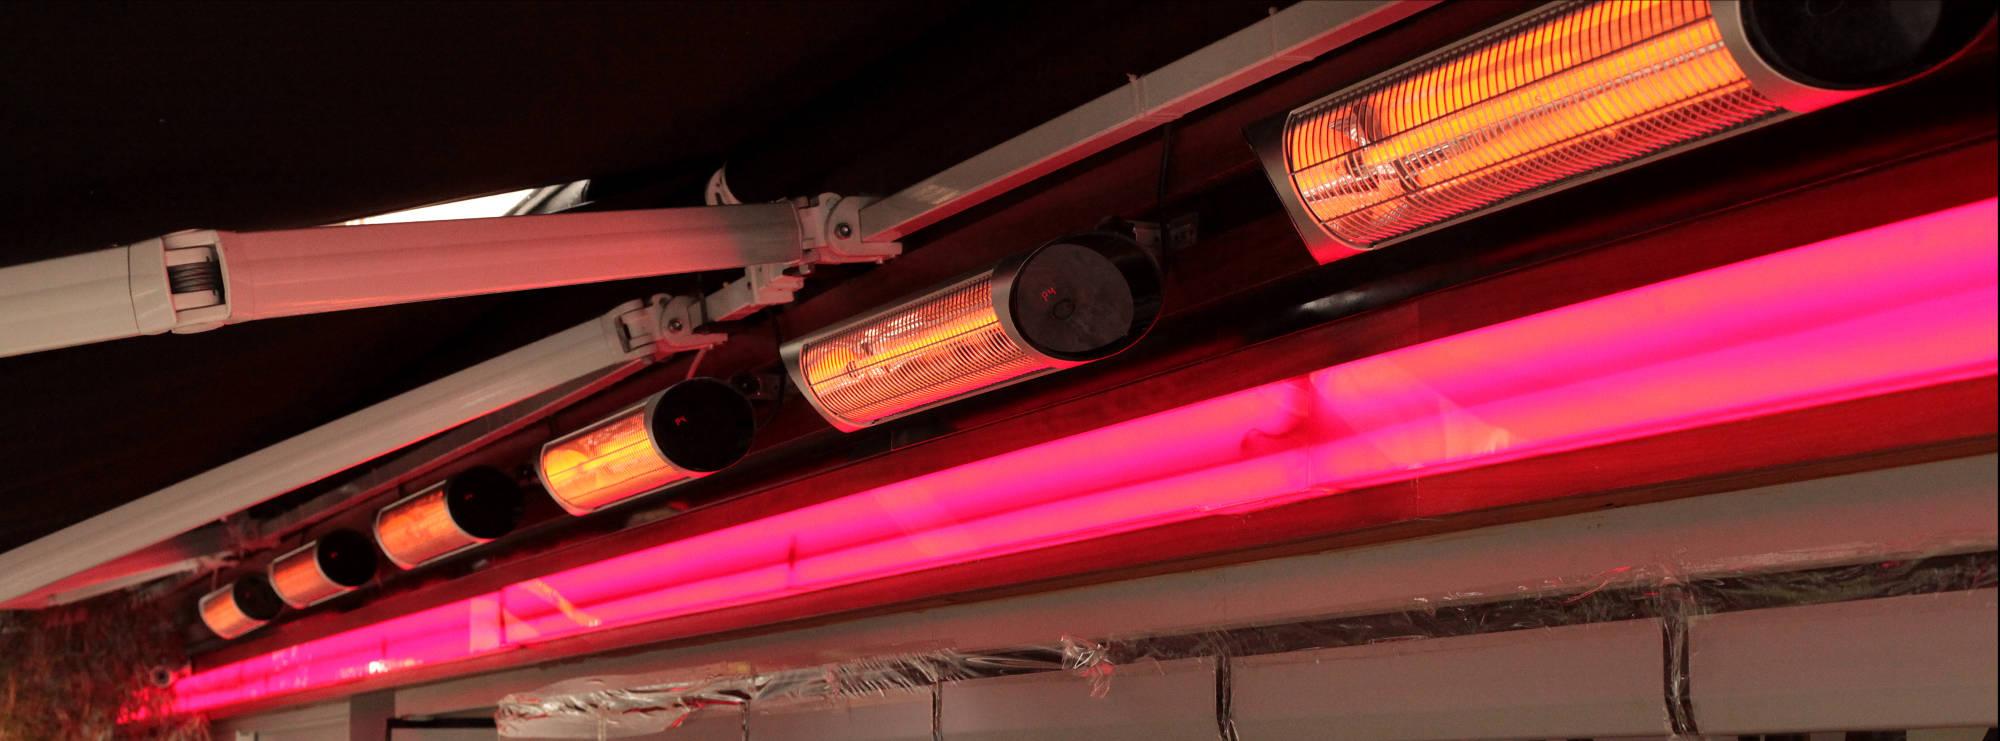 calefaccion-exterior-infrarrojos